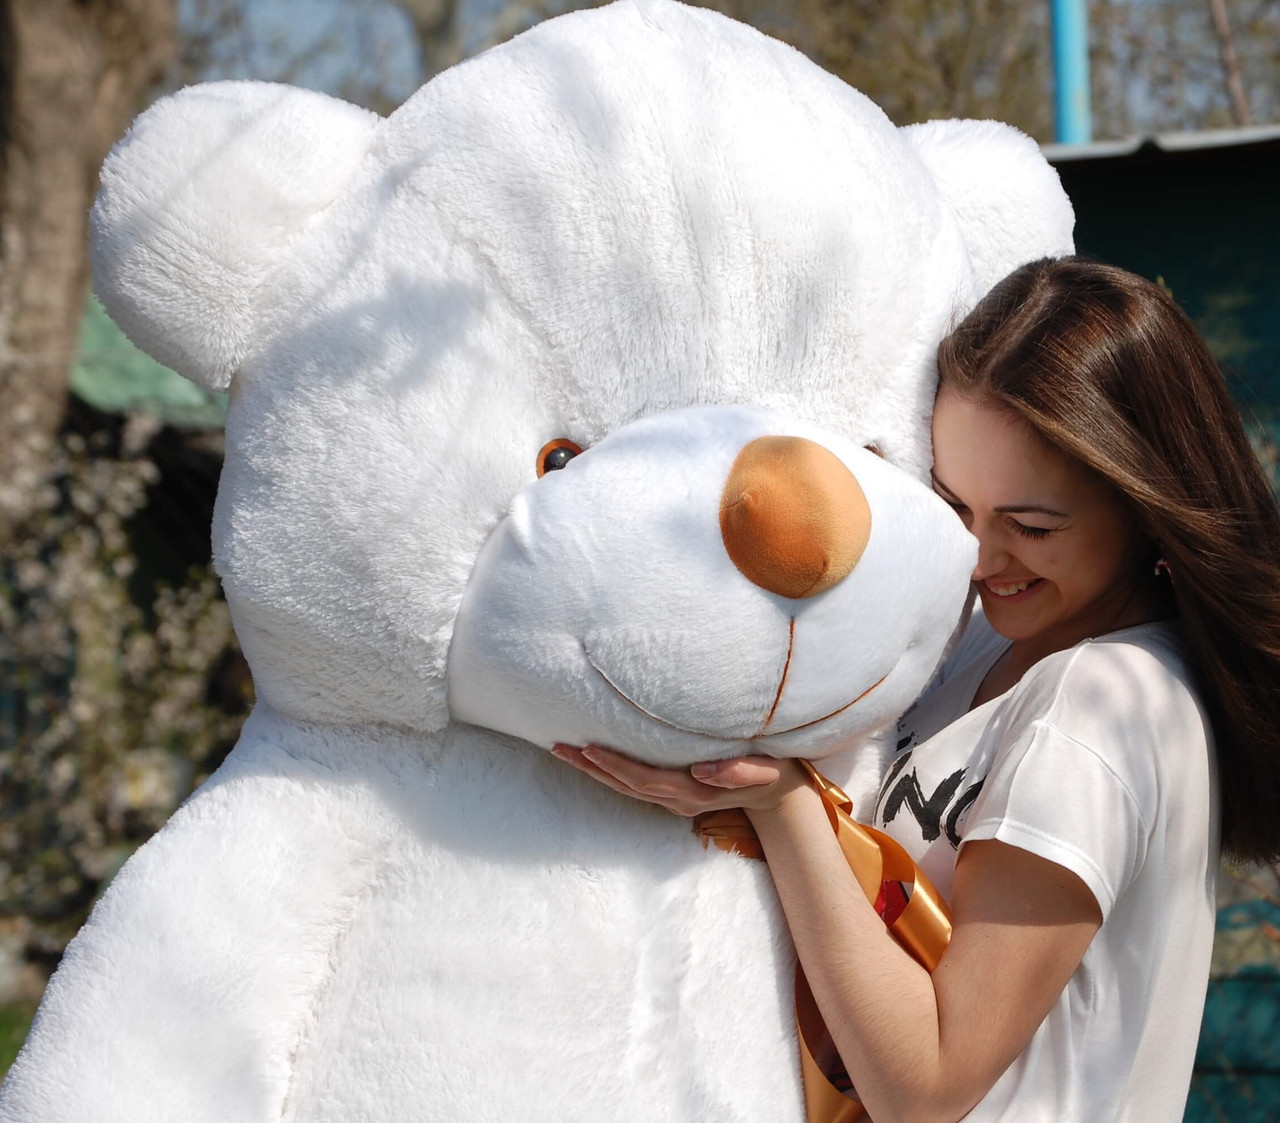 ⭐⭐🌟🌟🌟❤️Большой Плюшевый Медведь Белый 180 см. Большая Мягкая игрушка Мишка Плюшевый подарок девушке.